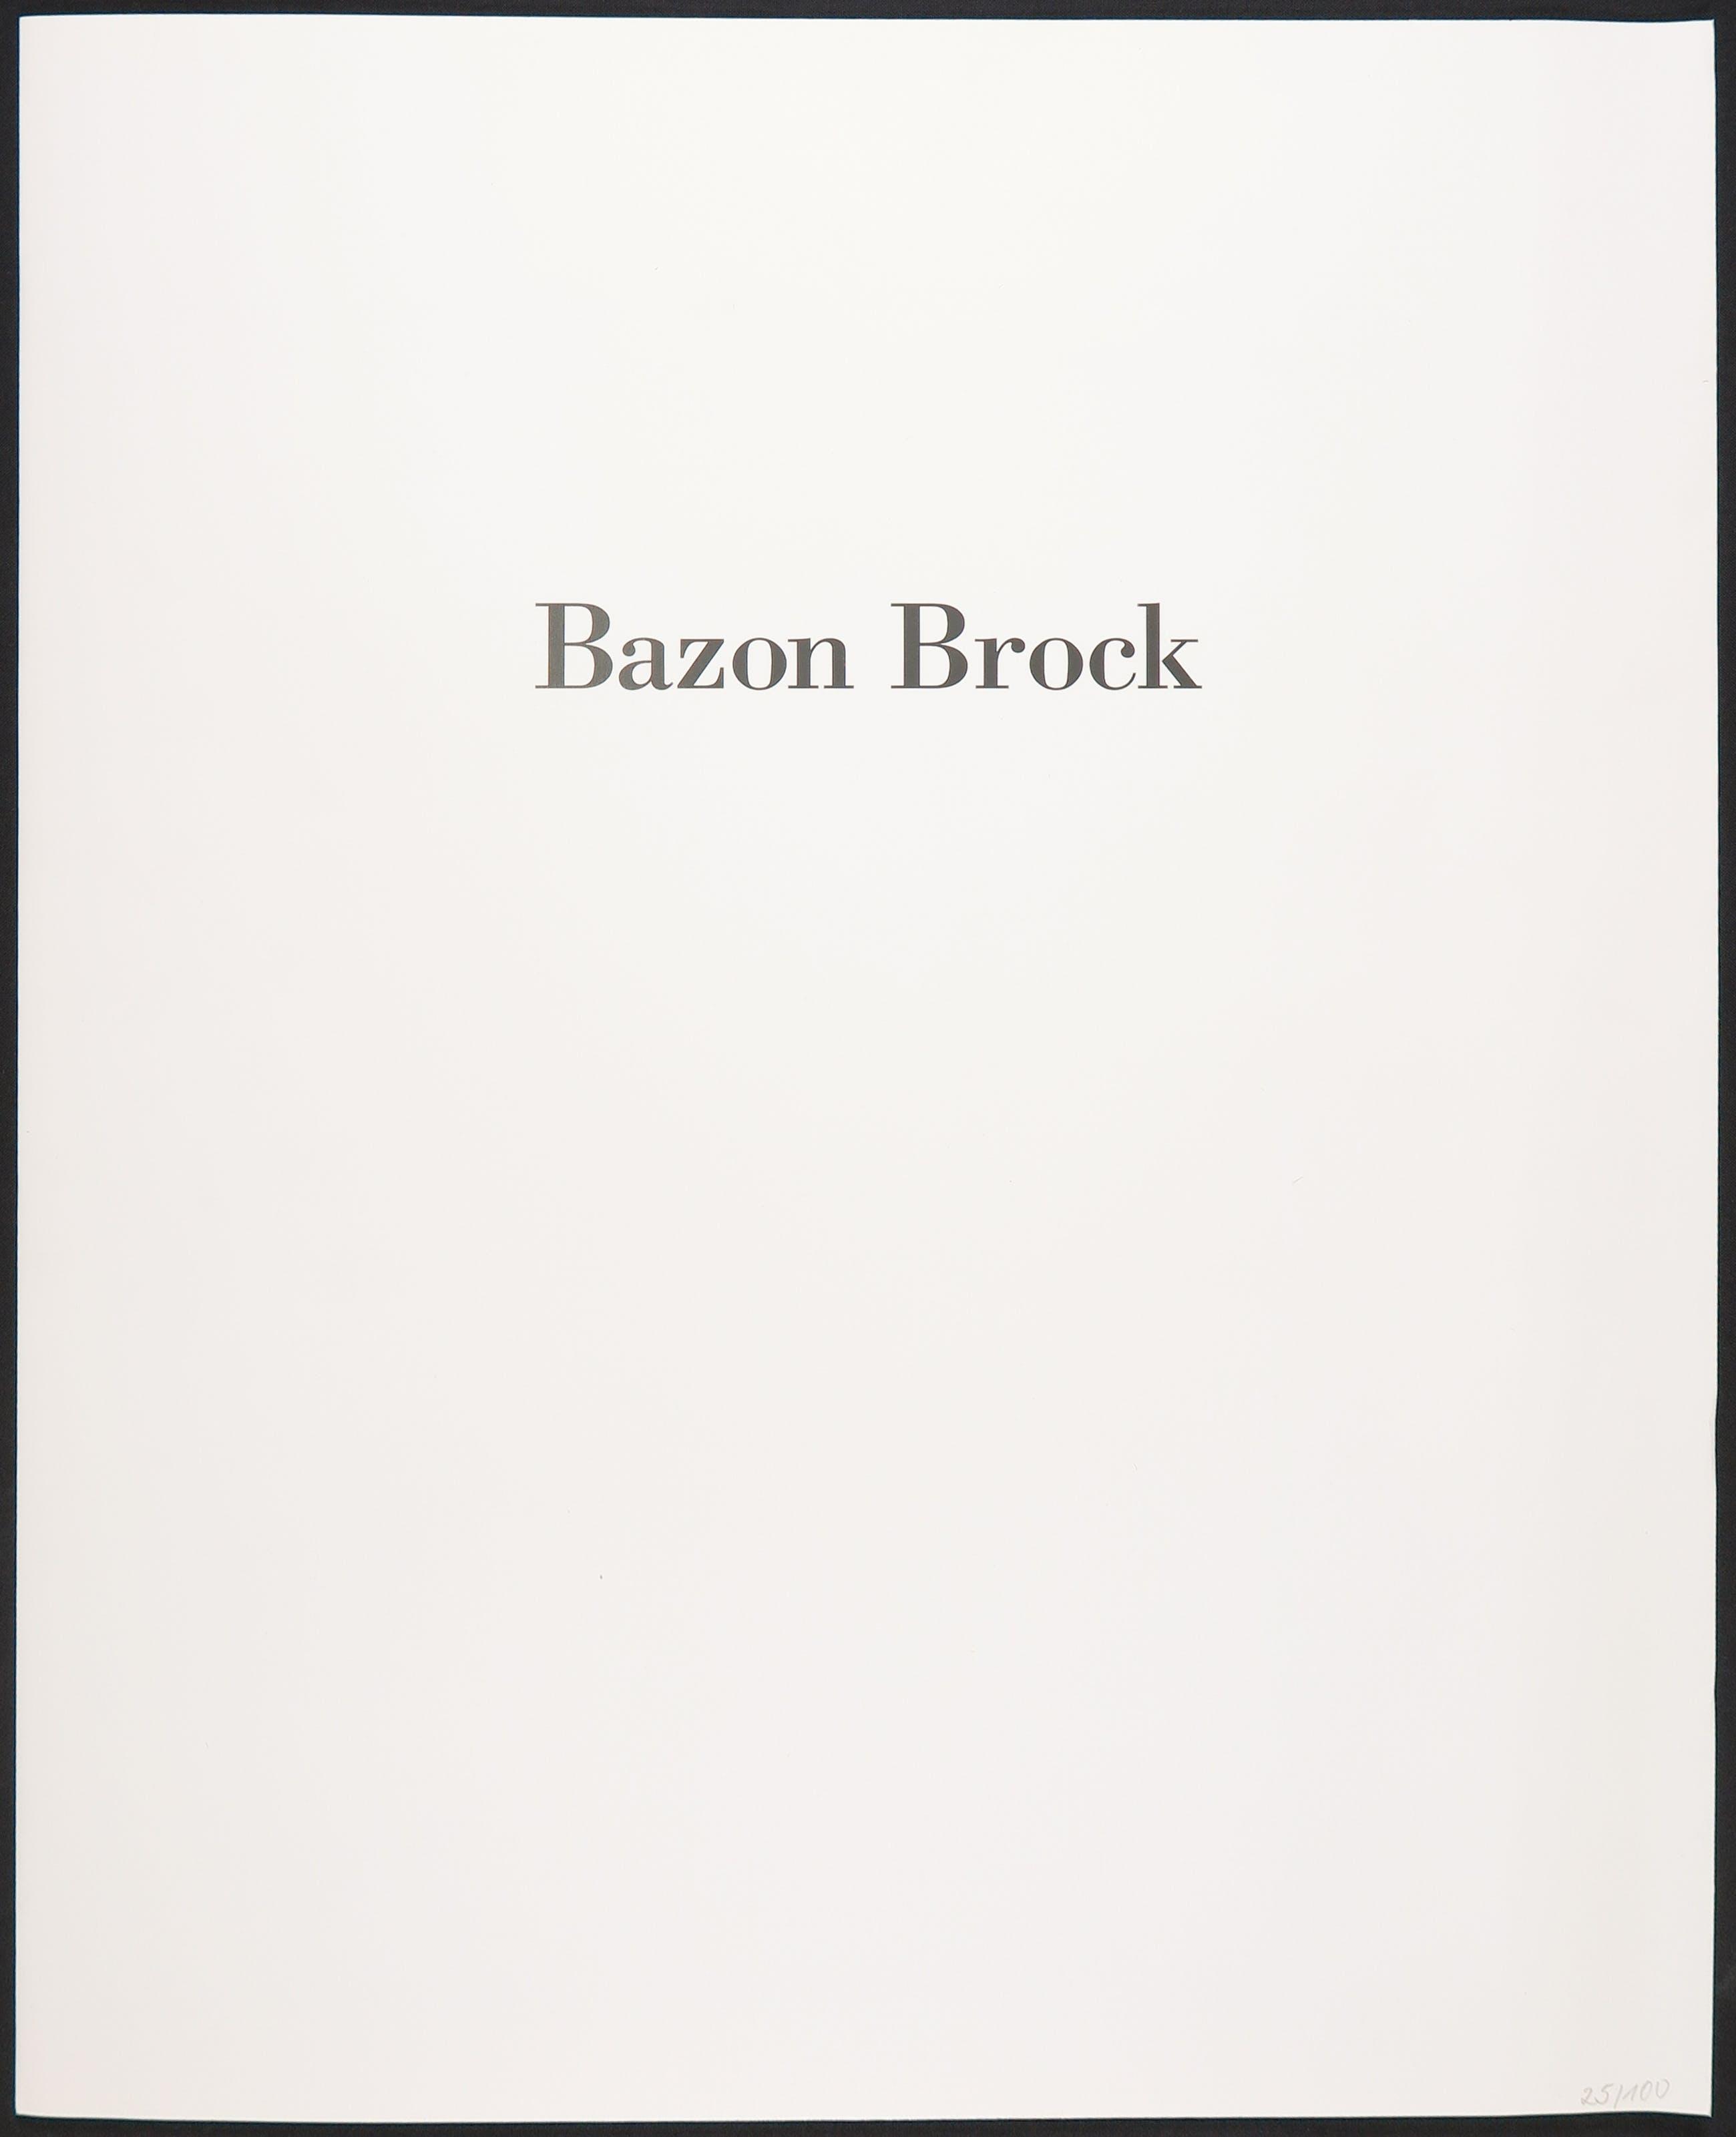 Bazon Brock - Richte die Zeiten, 1995 kopen? Bied vanaf 50!